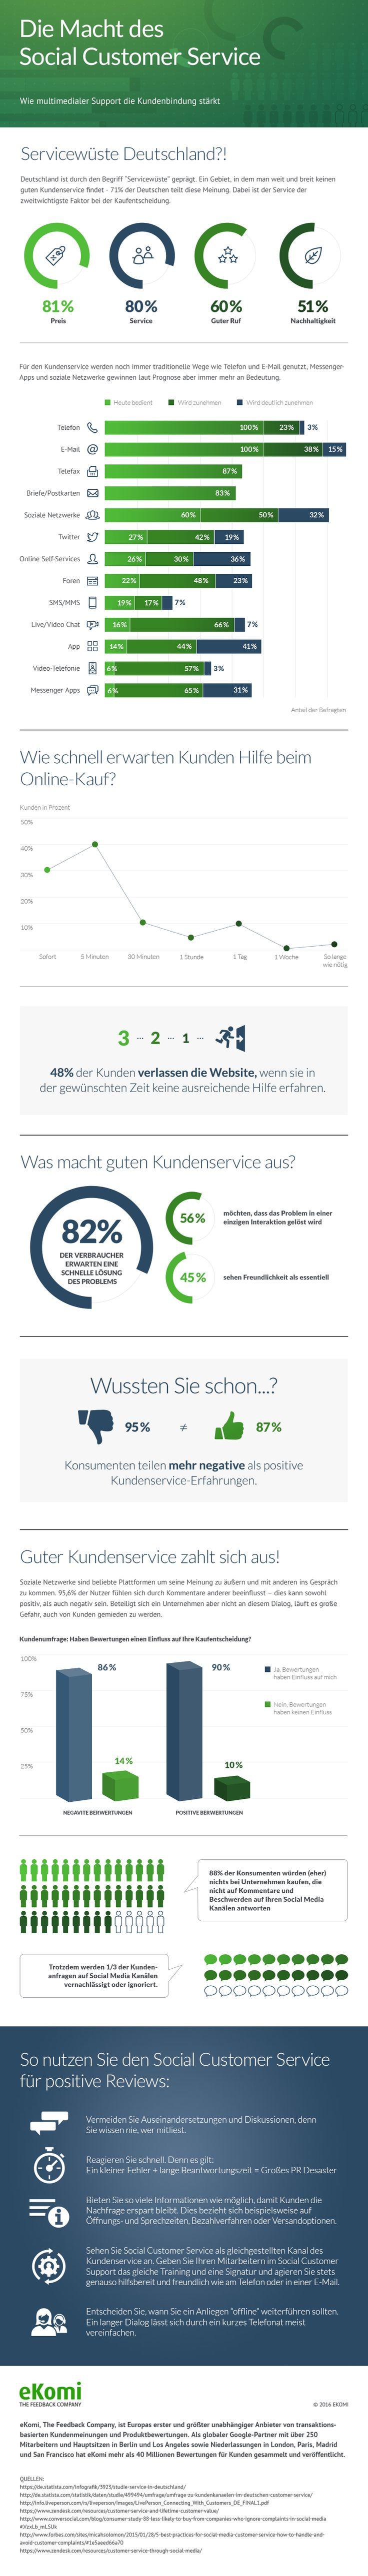 Die Bedeutung von Social Media im Service...